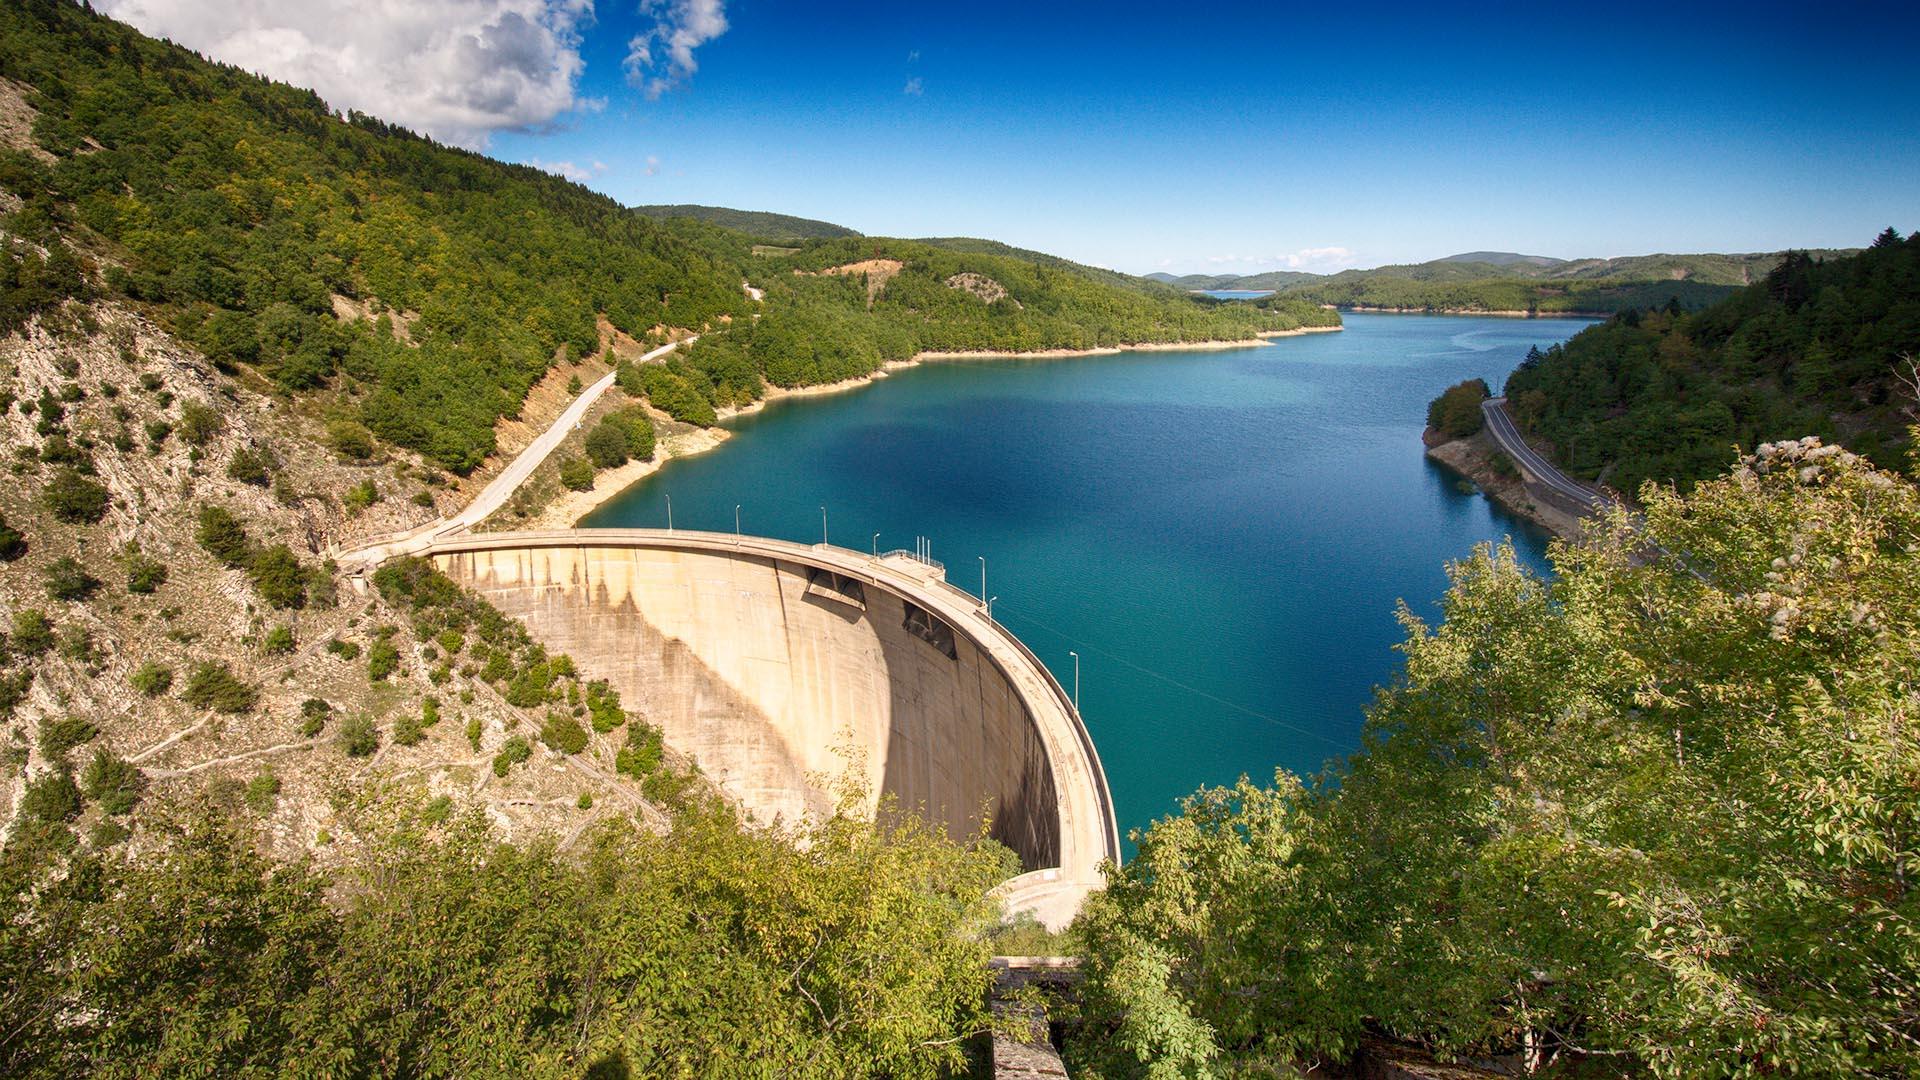 Η Λίμνη Πλαστήρα ανάμεσα στις πιο εντυπωσιακές του πλανήτη